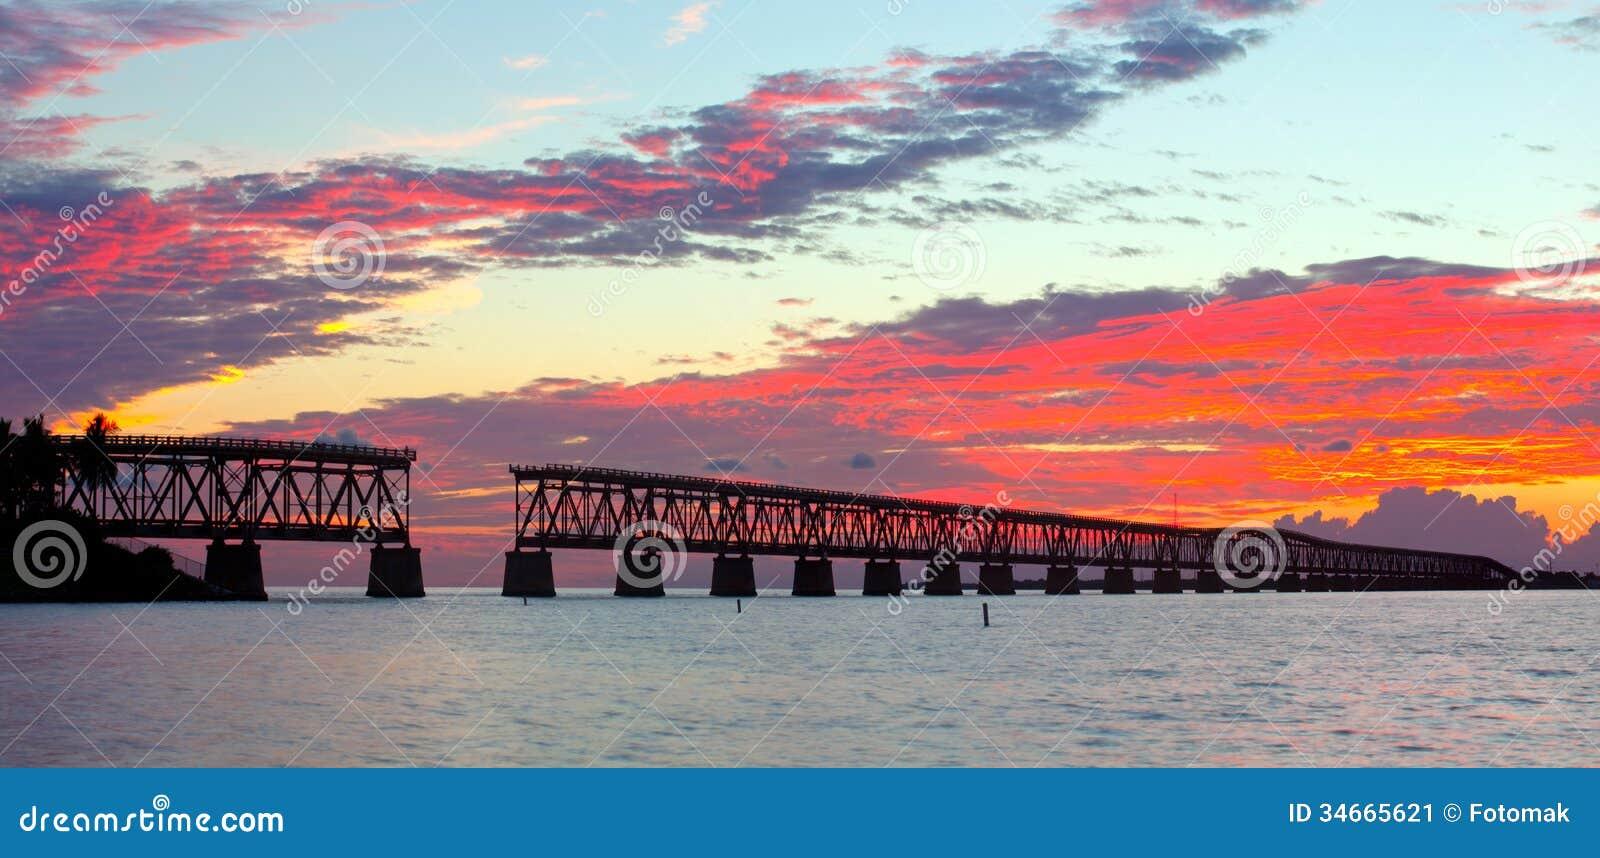 sunset over bridge in florida keys  bahia honda st stock image